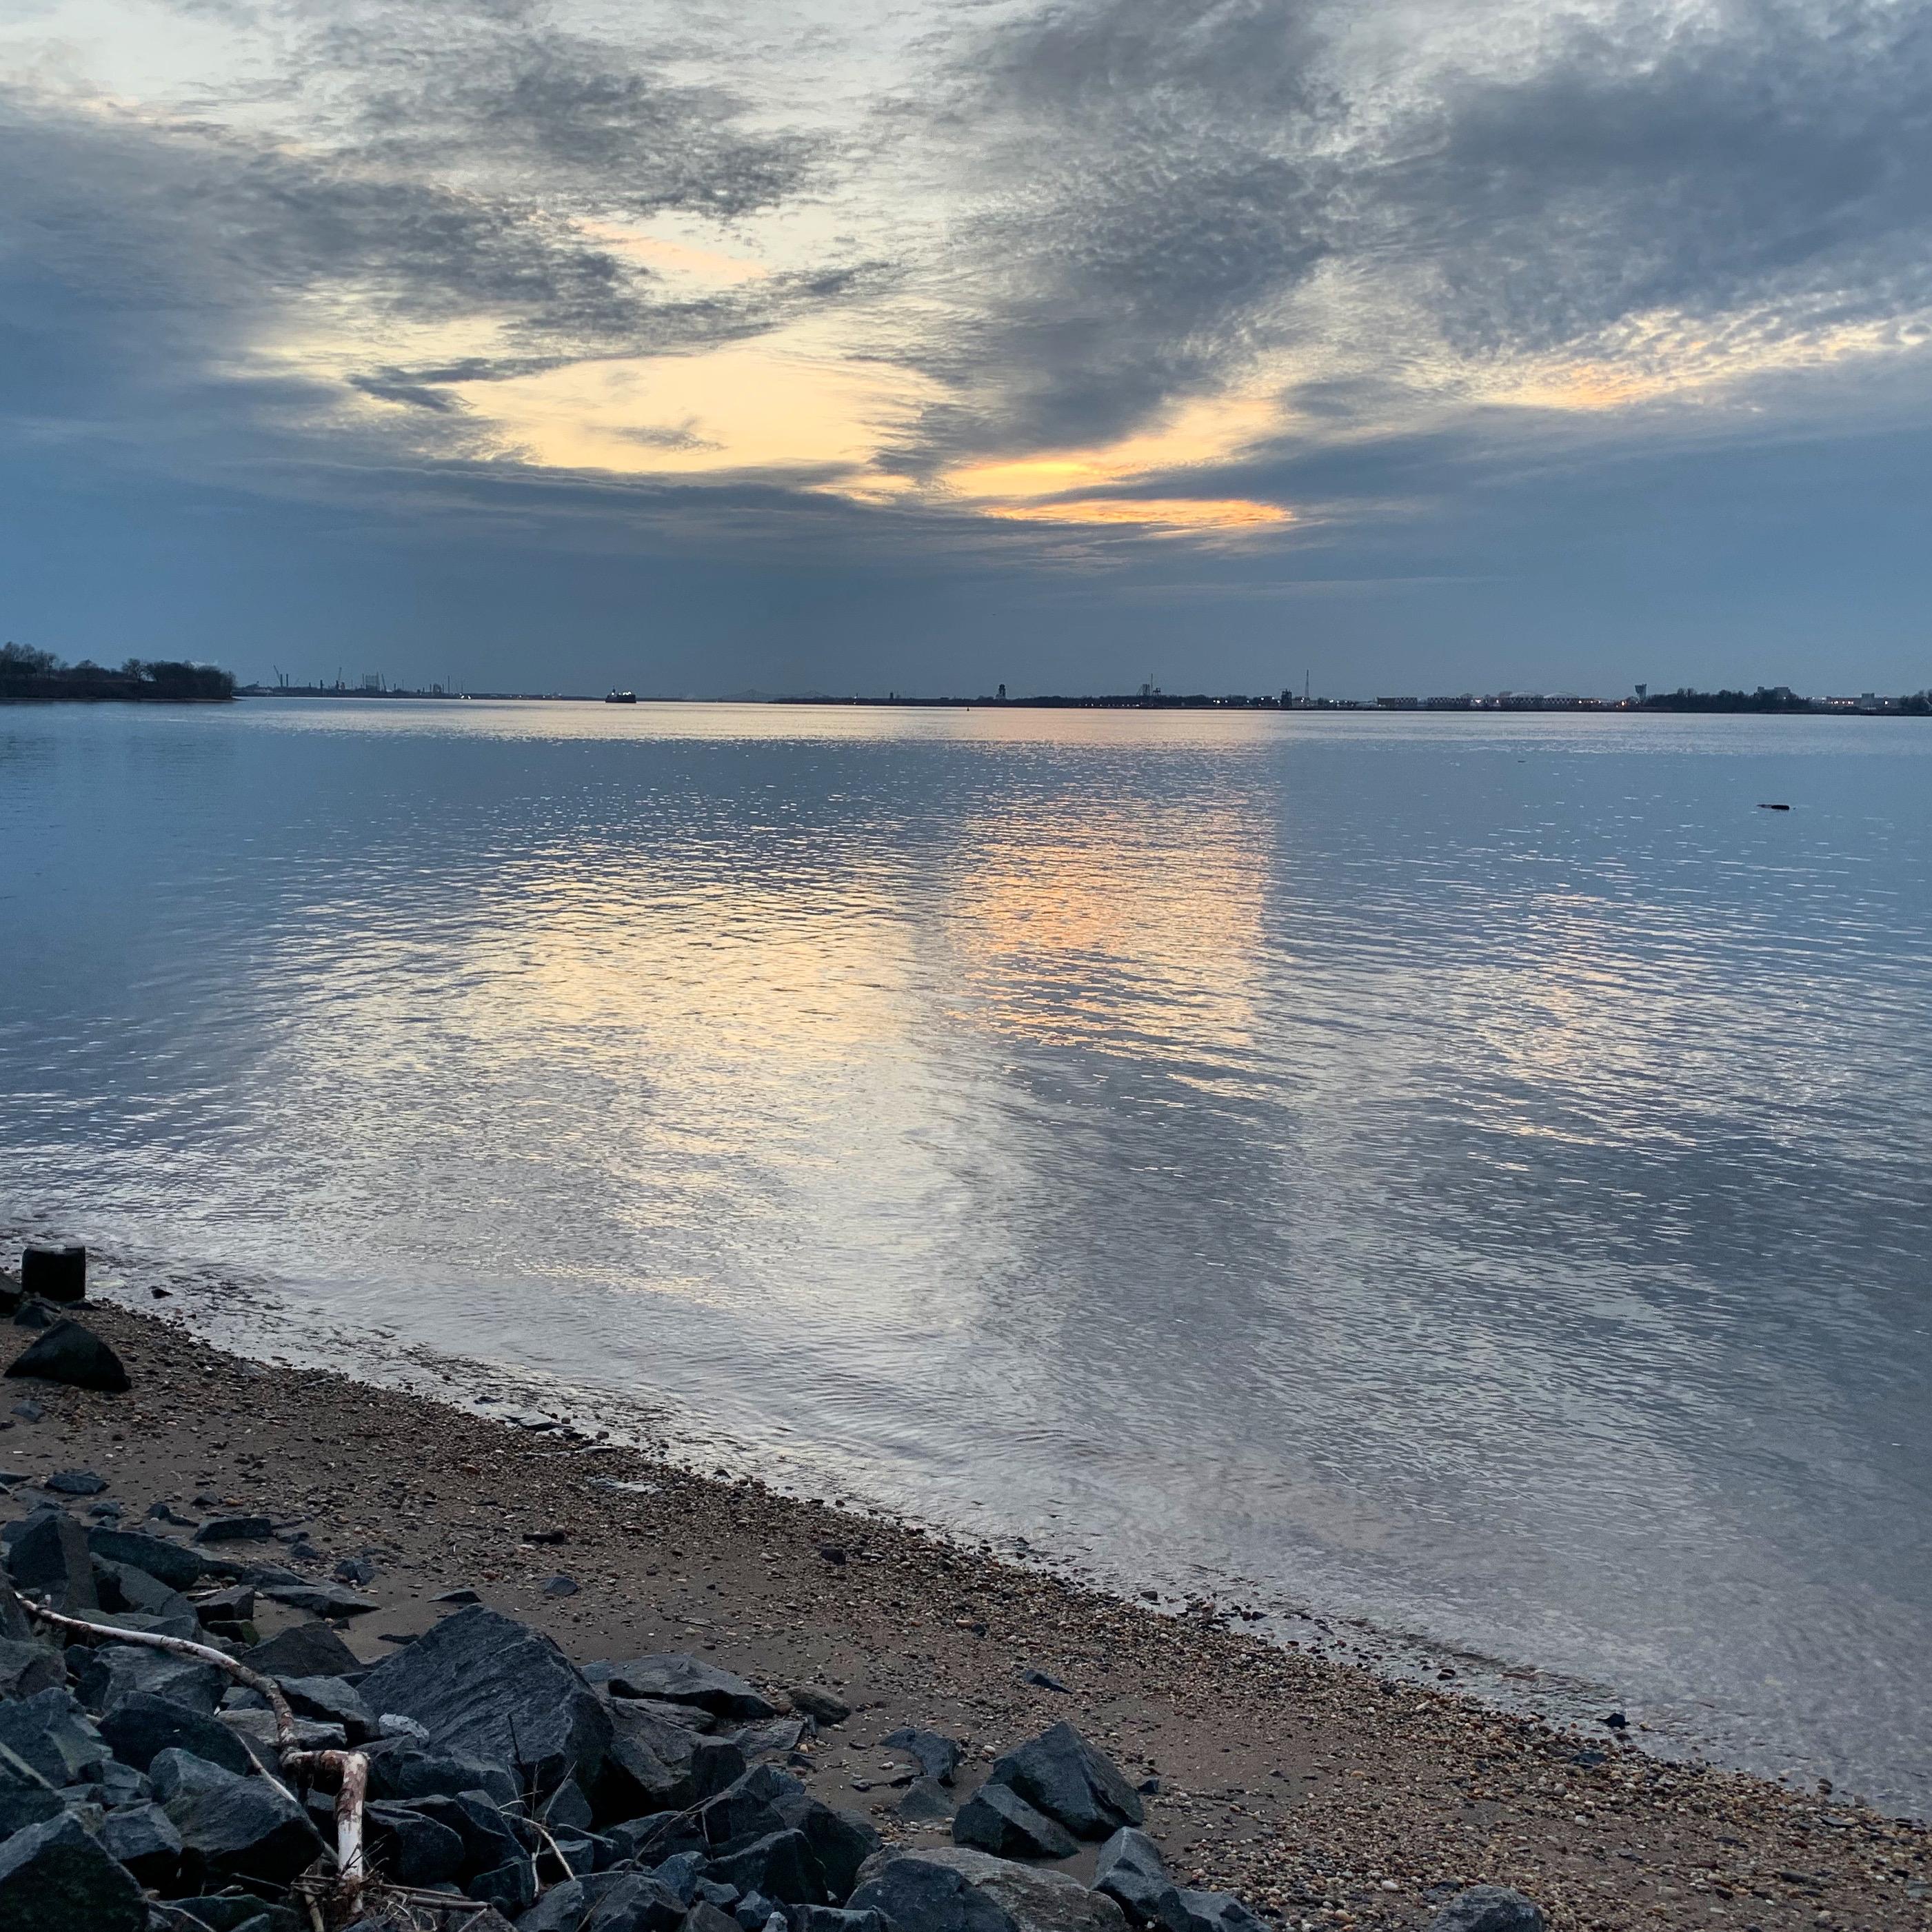 Sunset over the Delaware River, Feb.2020